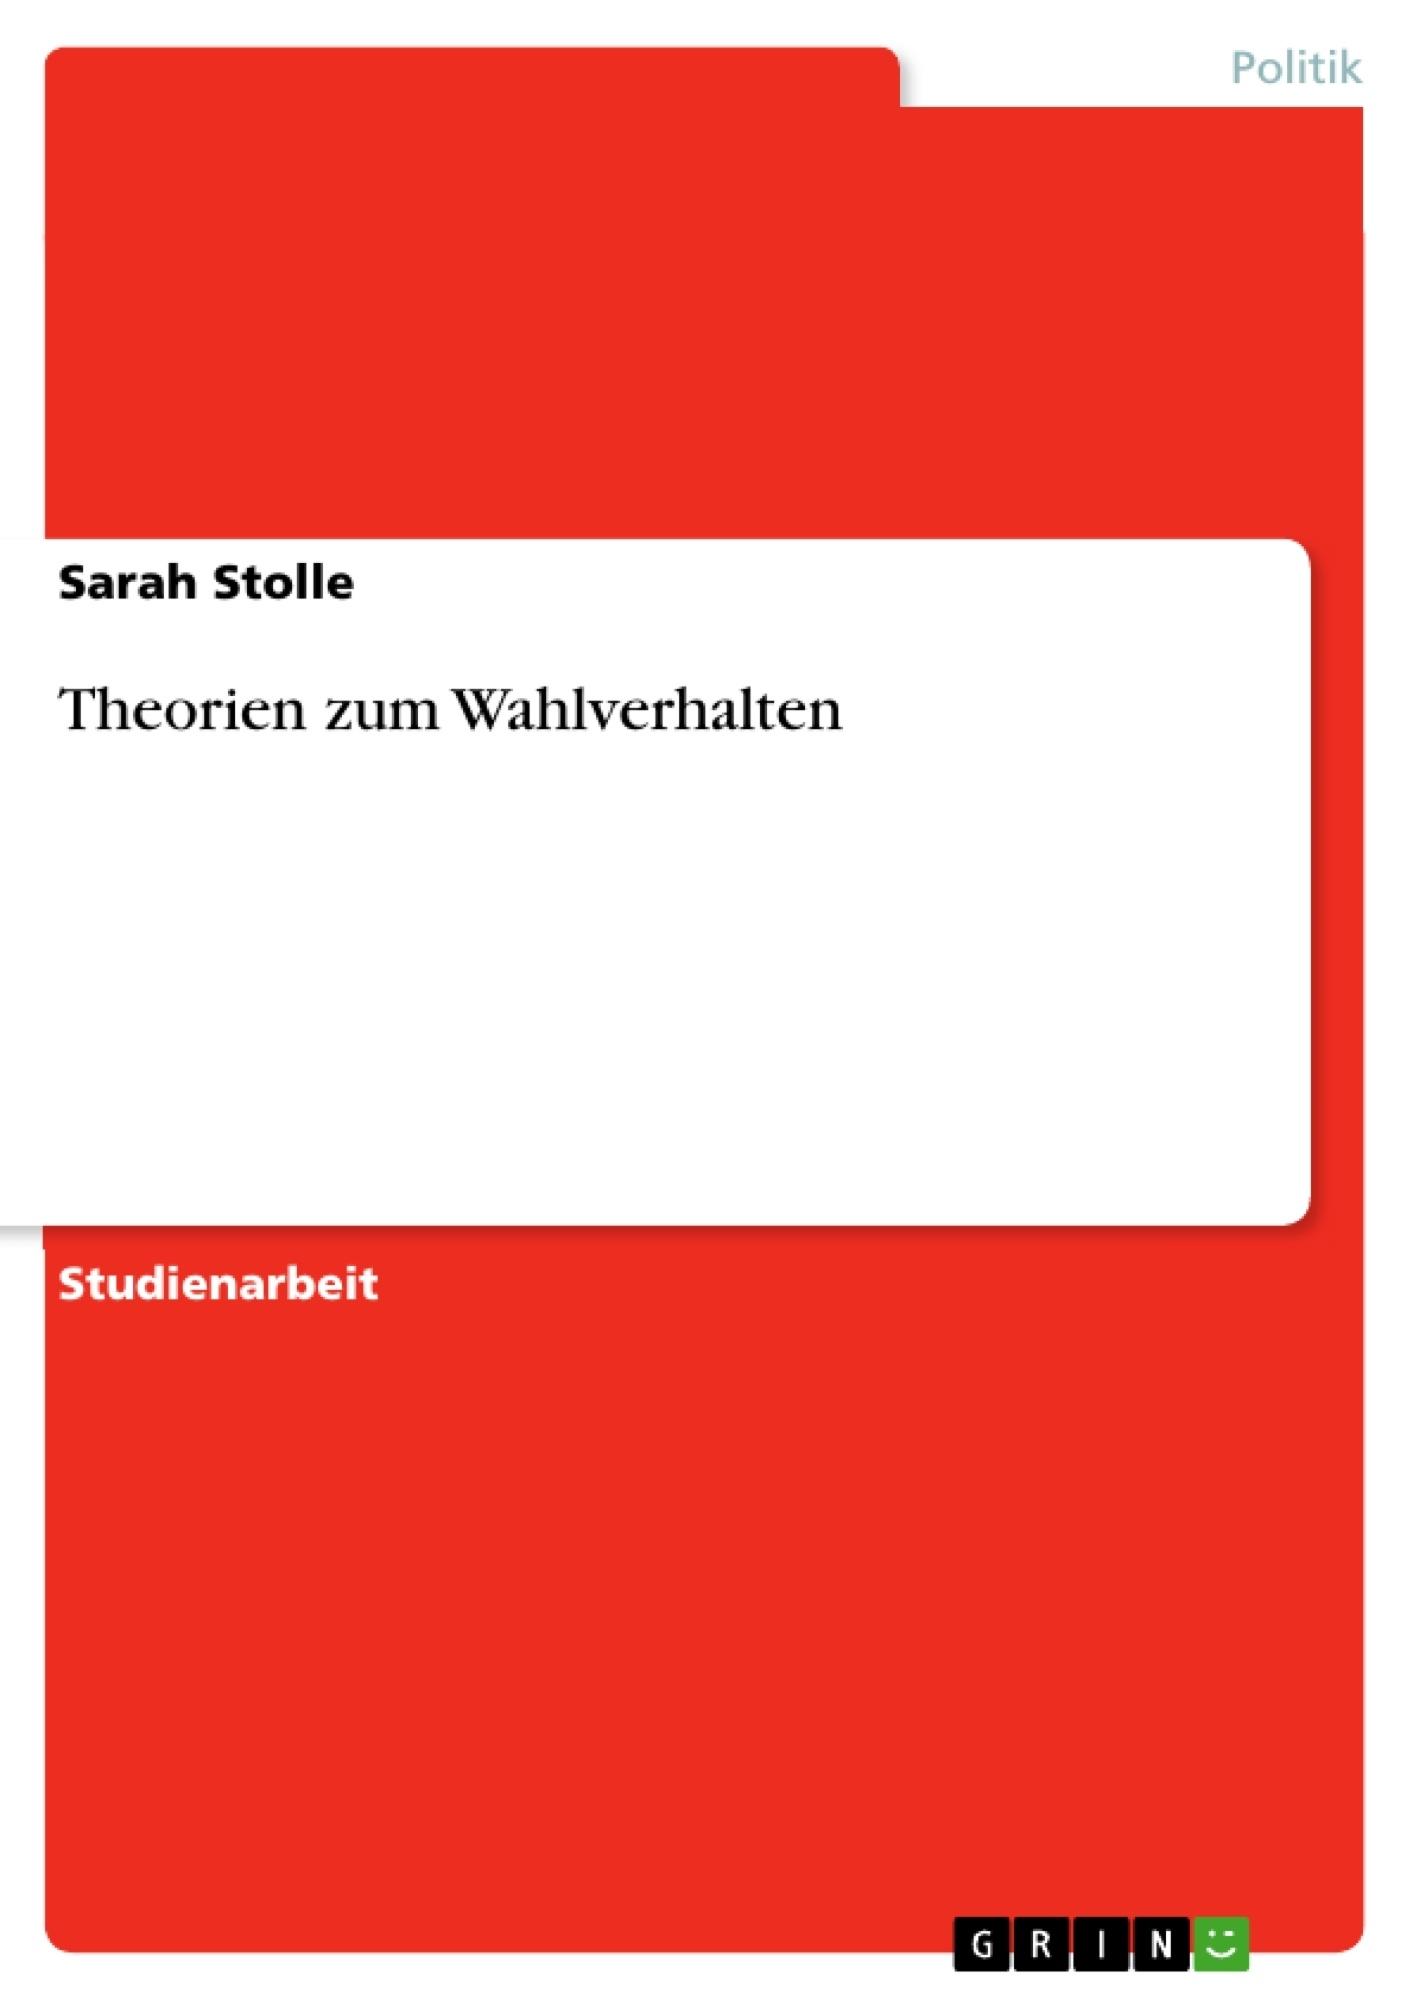 Titel: Theorien zum Wahlverhalten